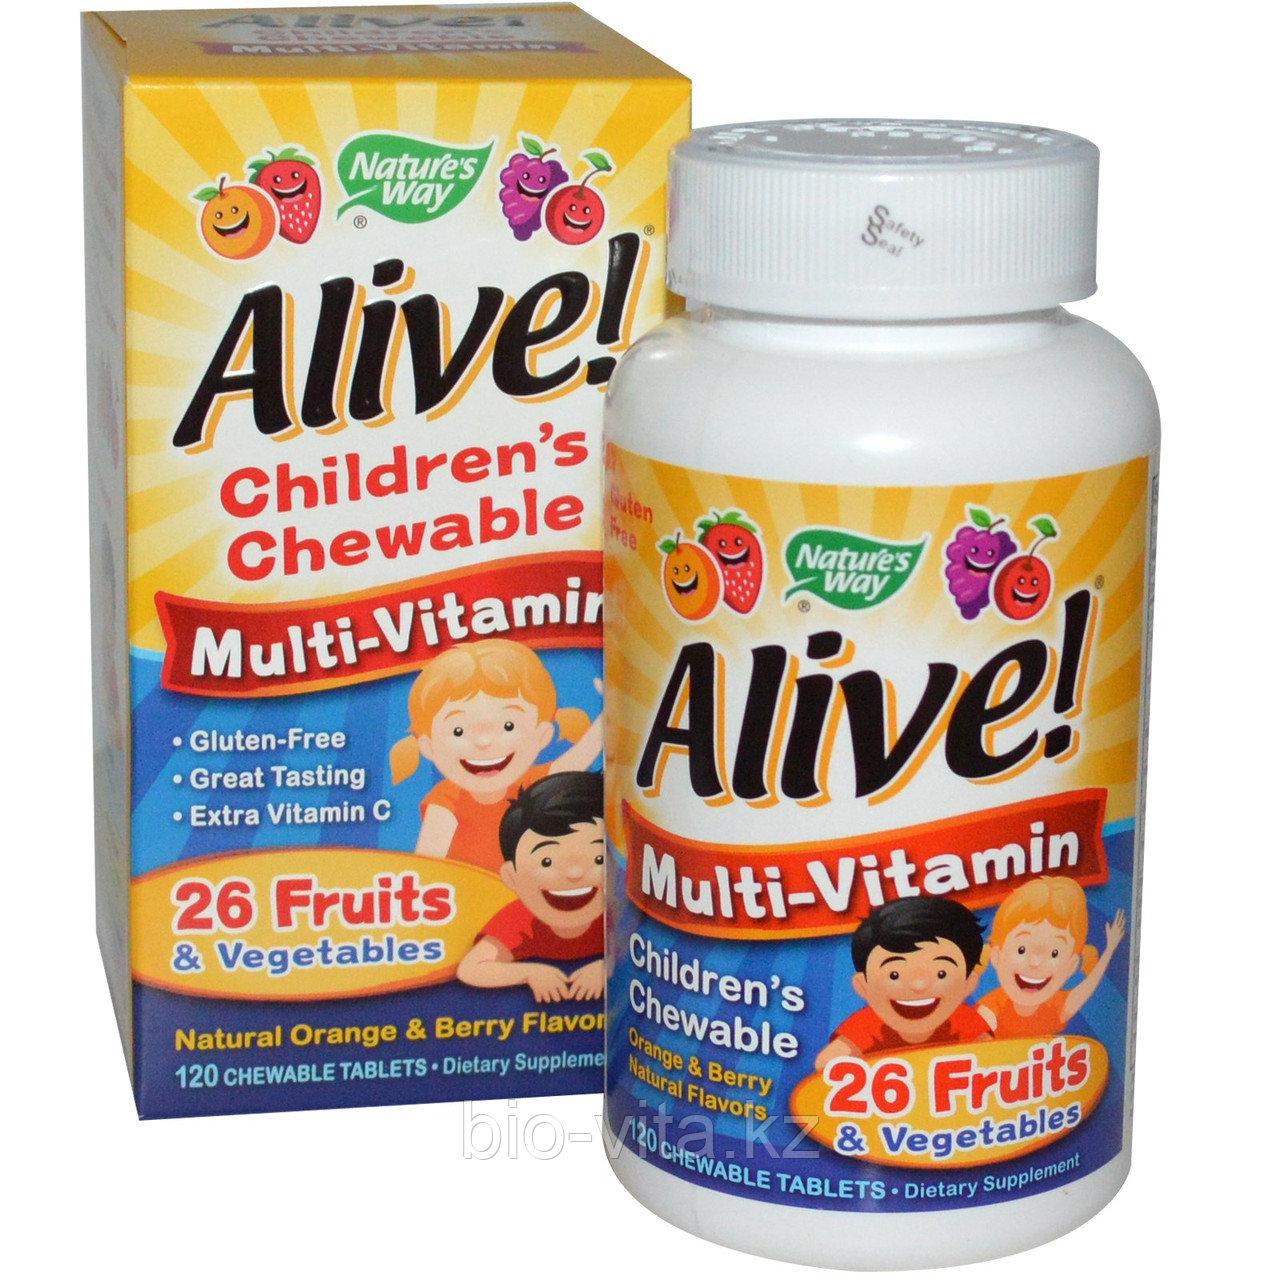 Nature's Way, Alive! Детские жевательные мультивитамины со вкусом апельсина и ягод, 120 жевательных таблеток.